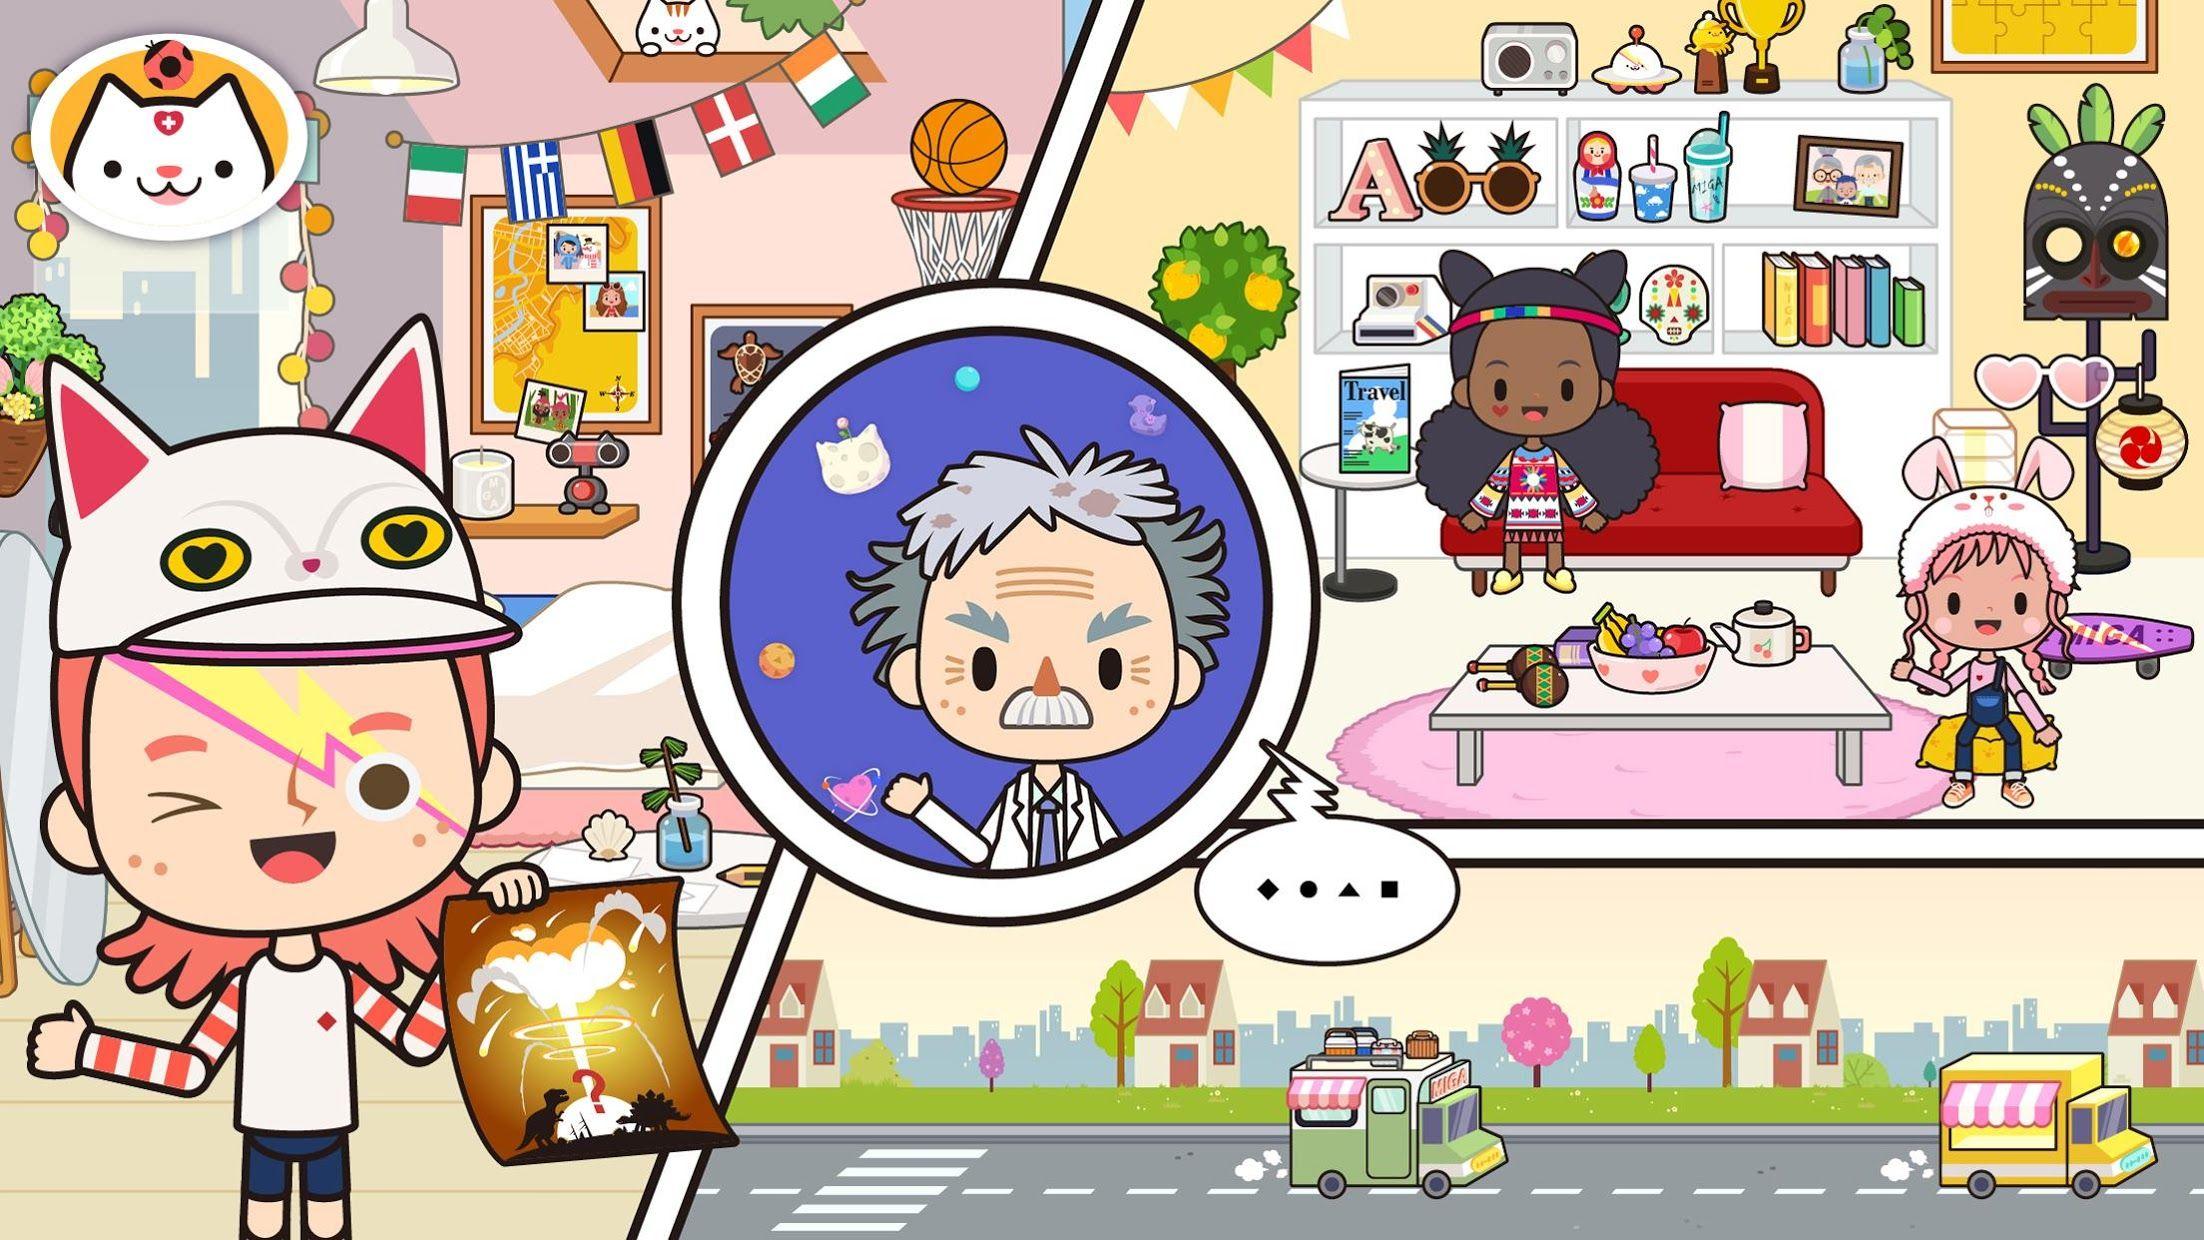 米加小镇:度假之旅-益智教育游戏 游戏截图1